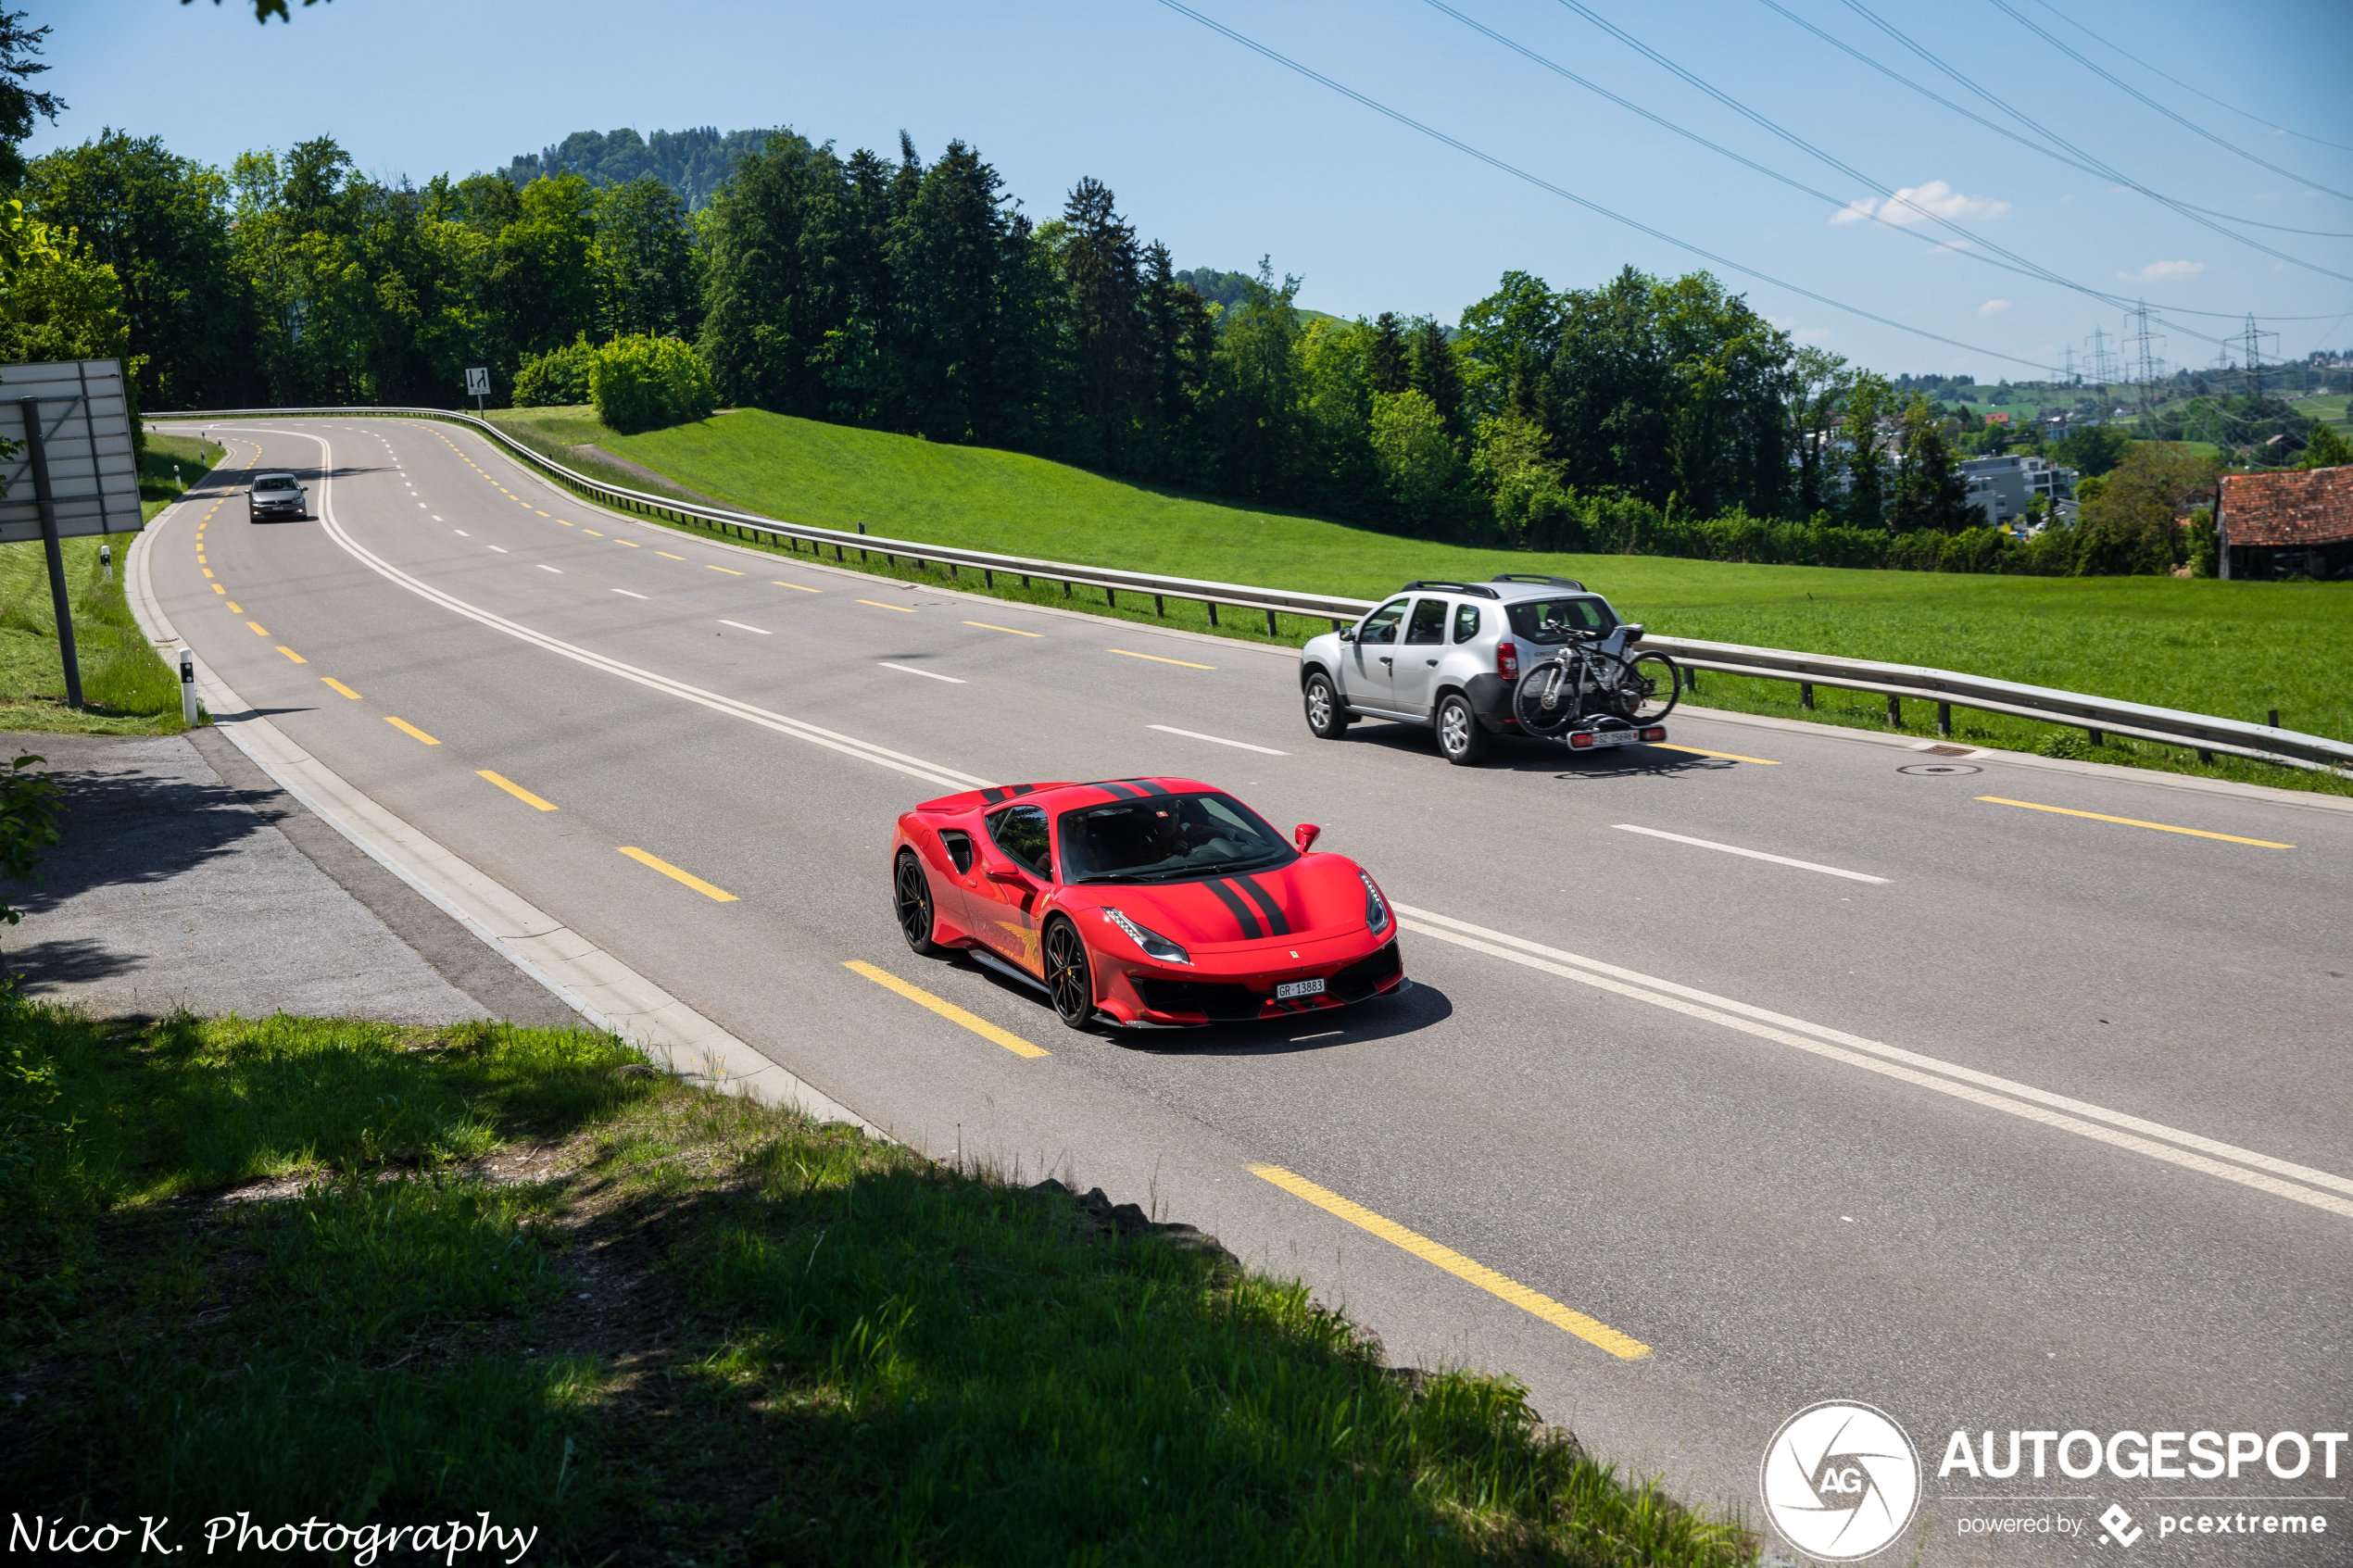 Dit zijn de Ferrari's 488 Pista van afgelopen dagen